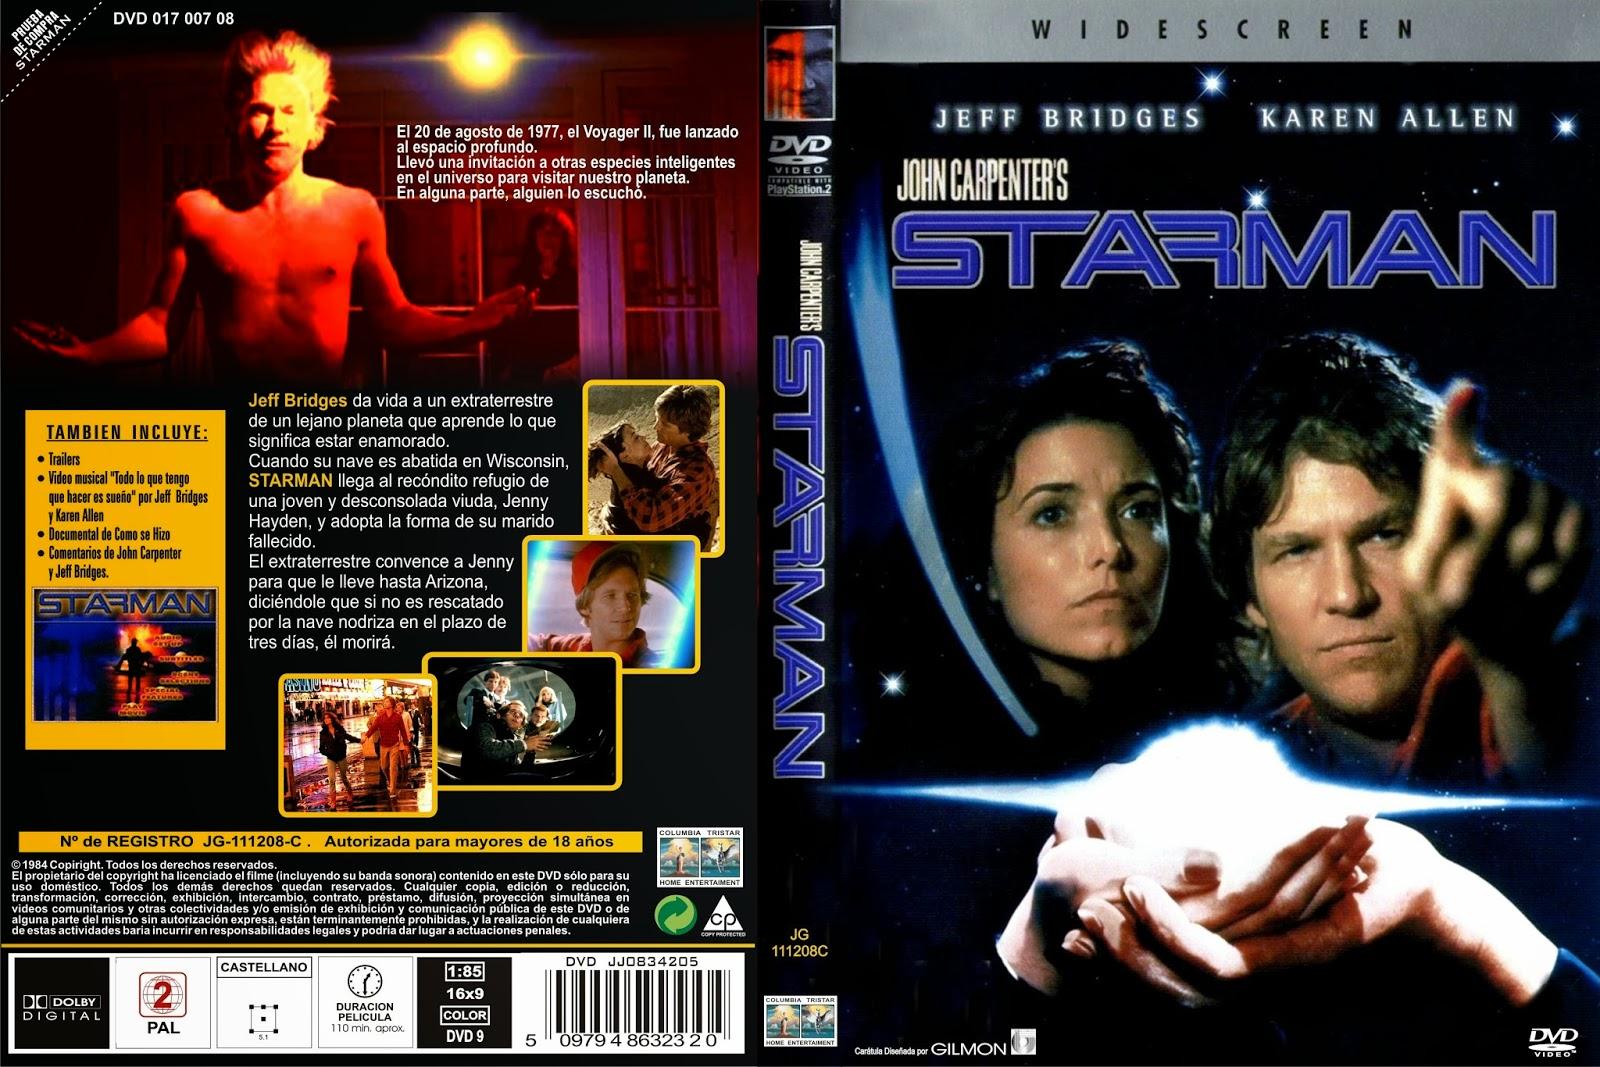 Starman ( 1984 ) Dual + subtítulos Descargar y ver Online Gratis